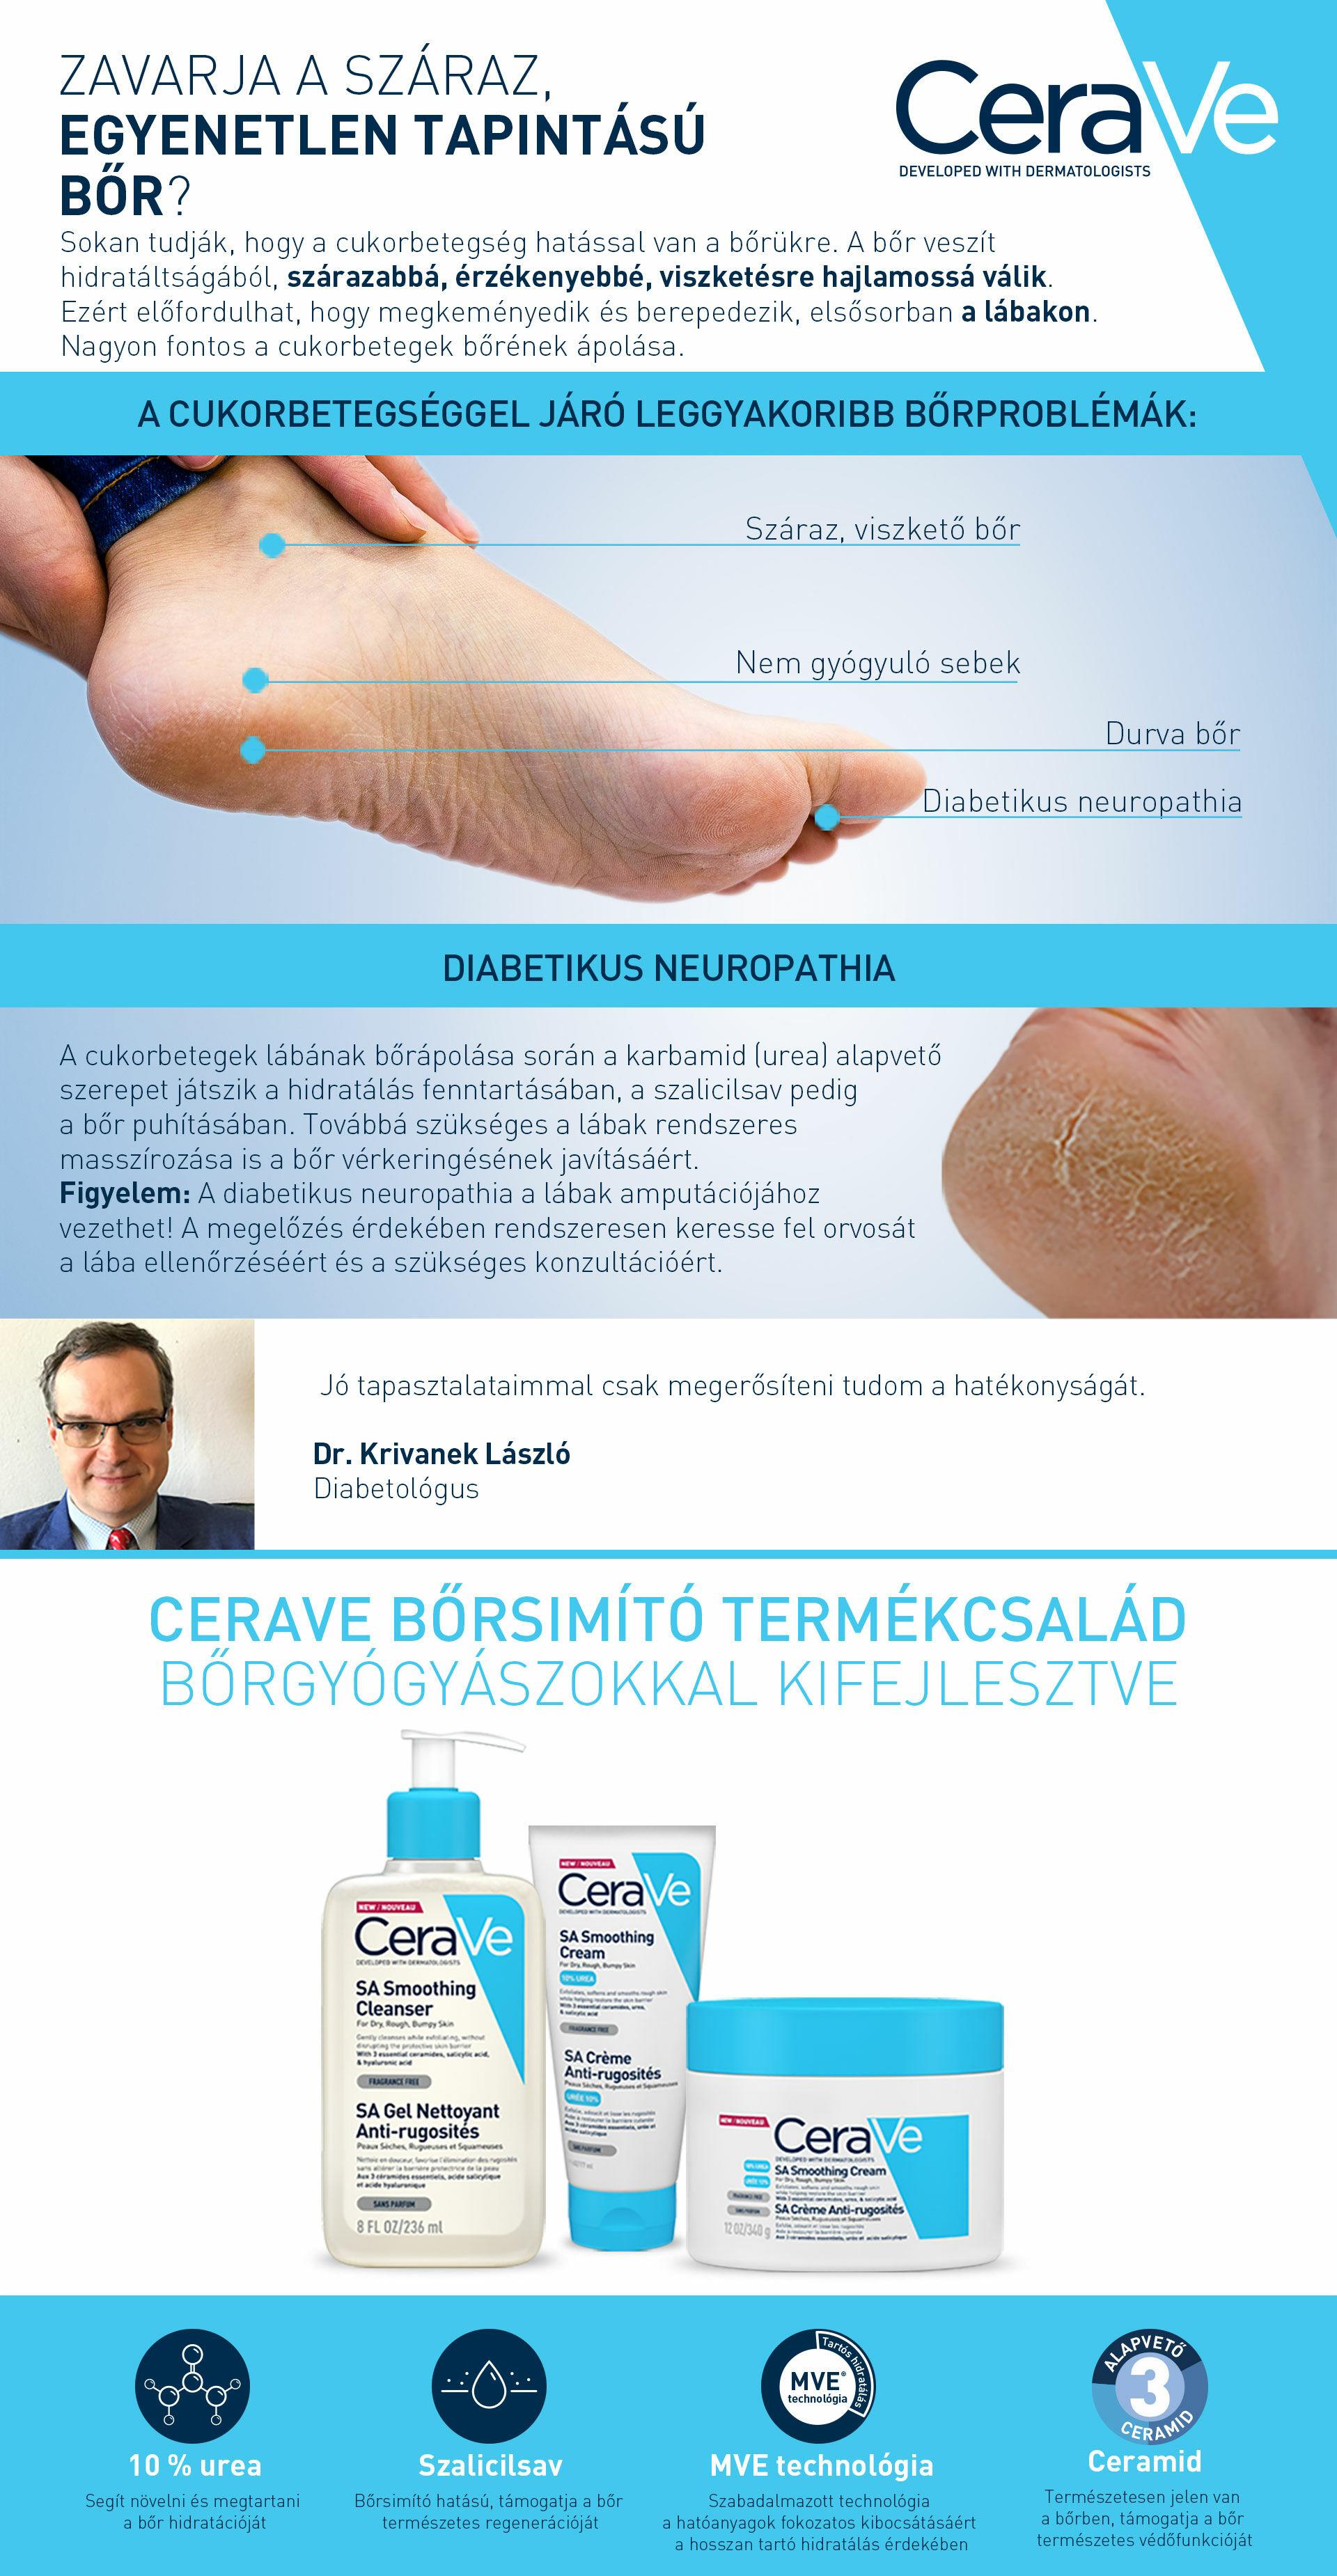 CeraVe SA termékeket javasoljuk diabetikus neuropathia esetén.